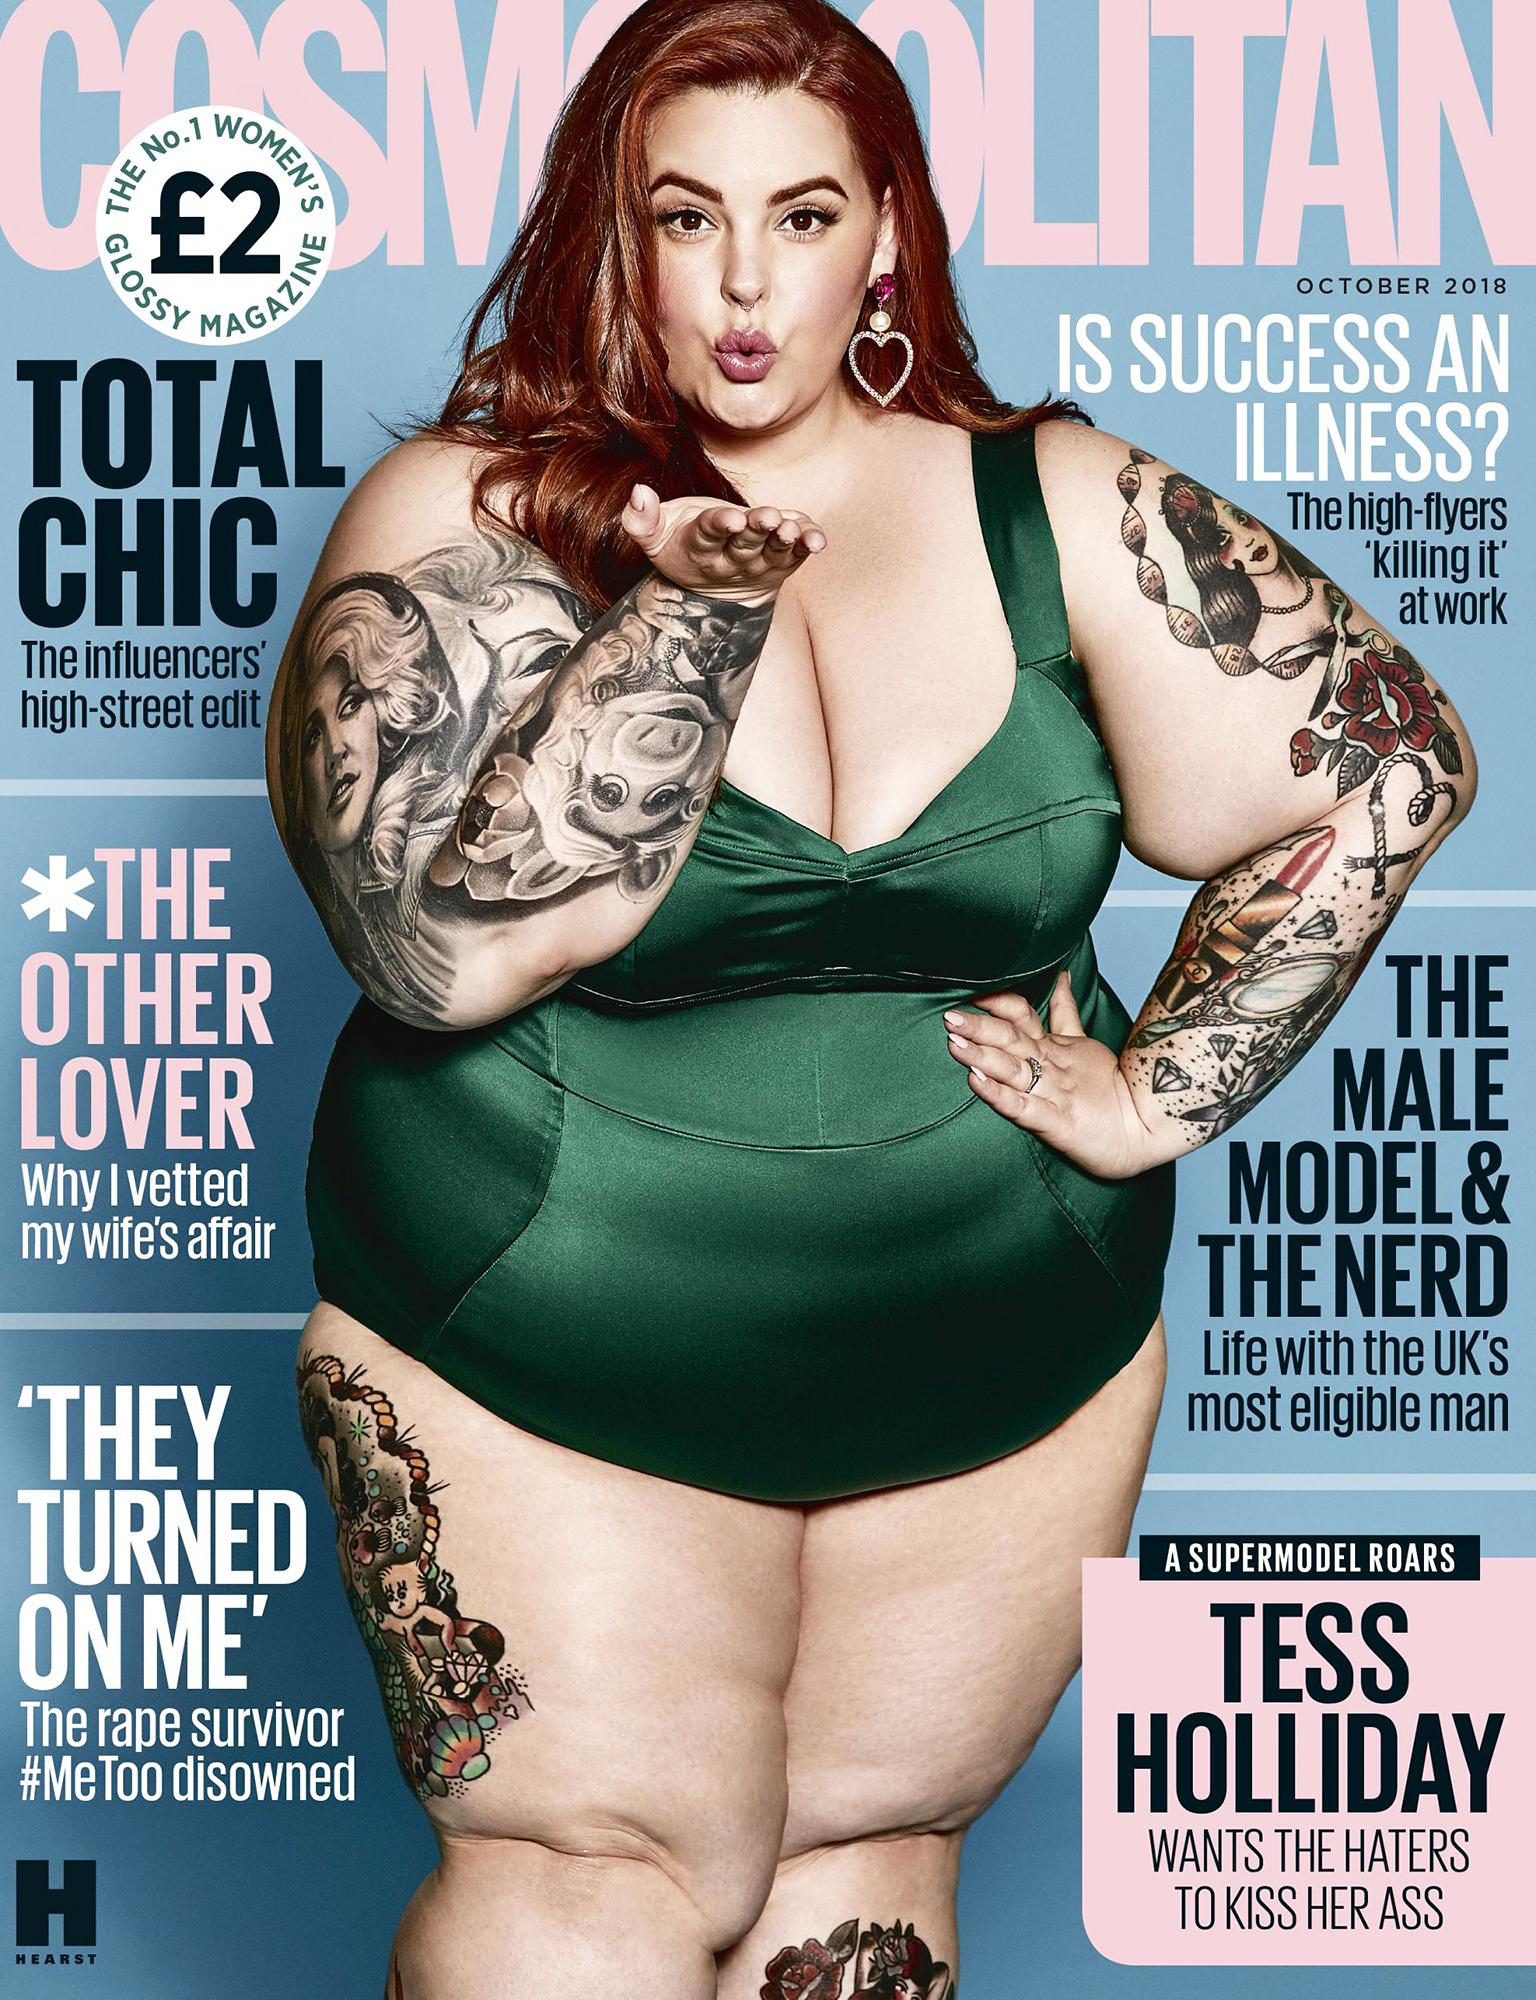 Piers Morgan Criticizes Tess Holliday Cosmopolitan Cover